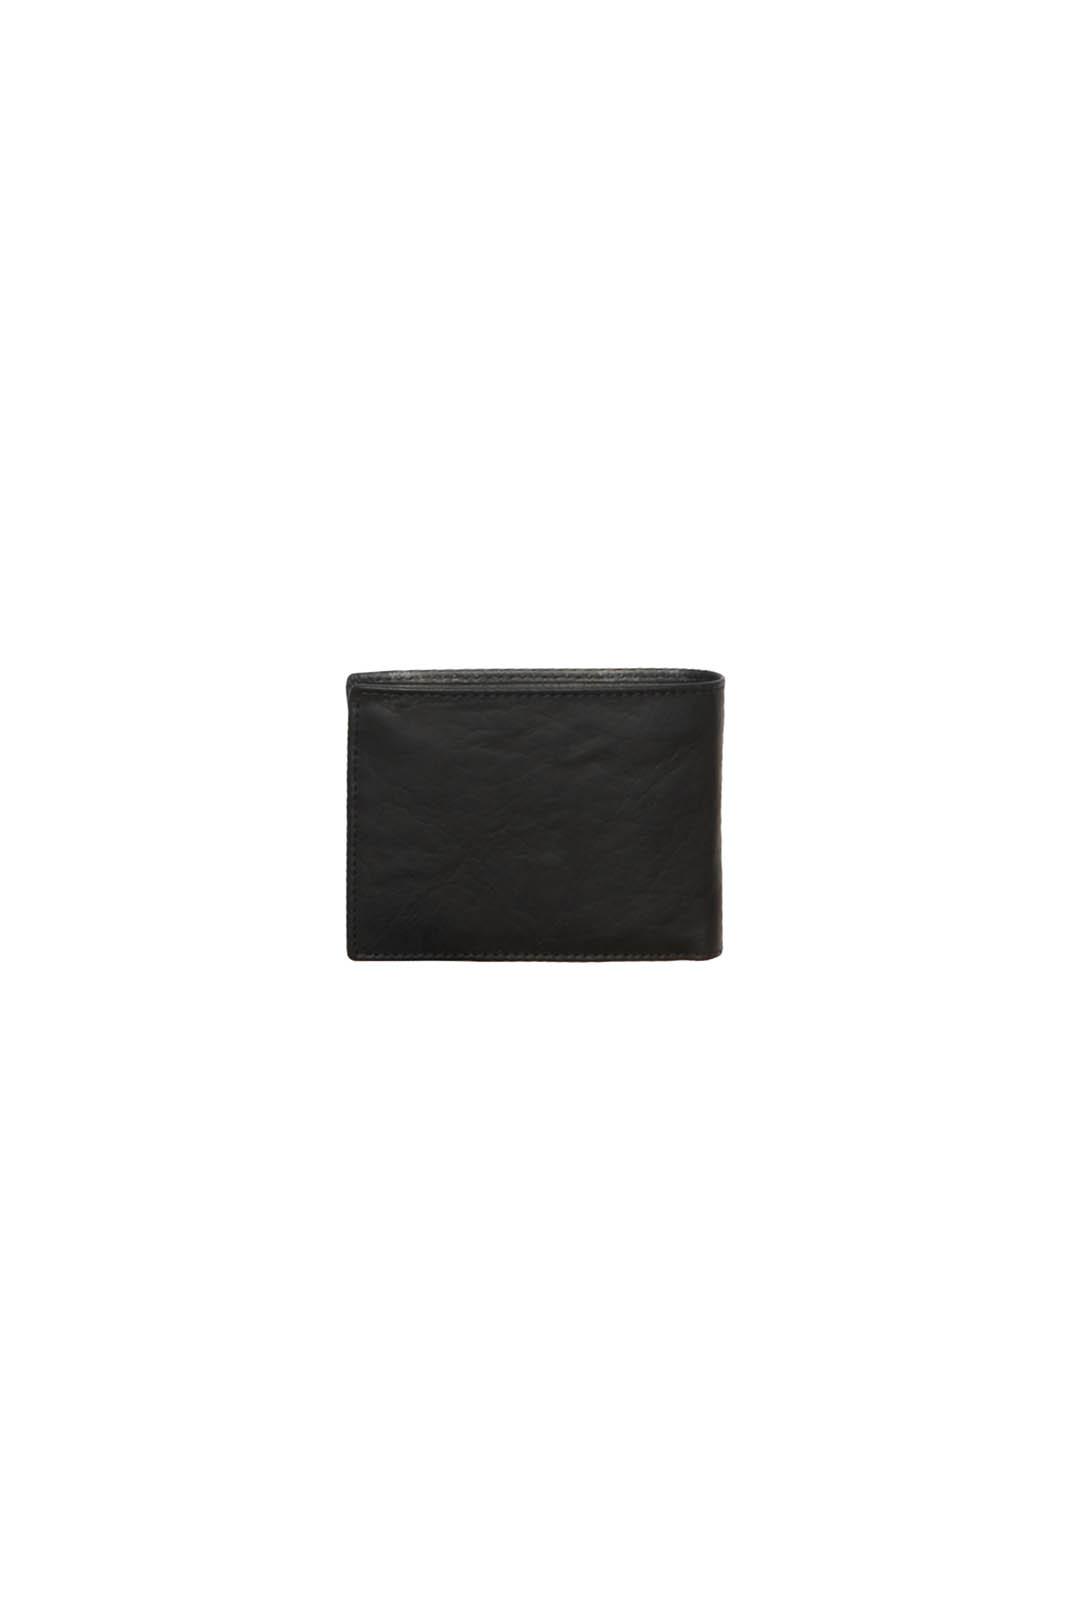 Leder Brieftasche mit AM Marke           2